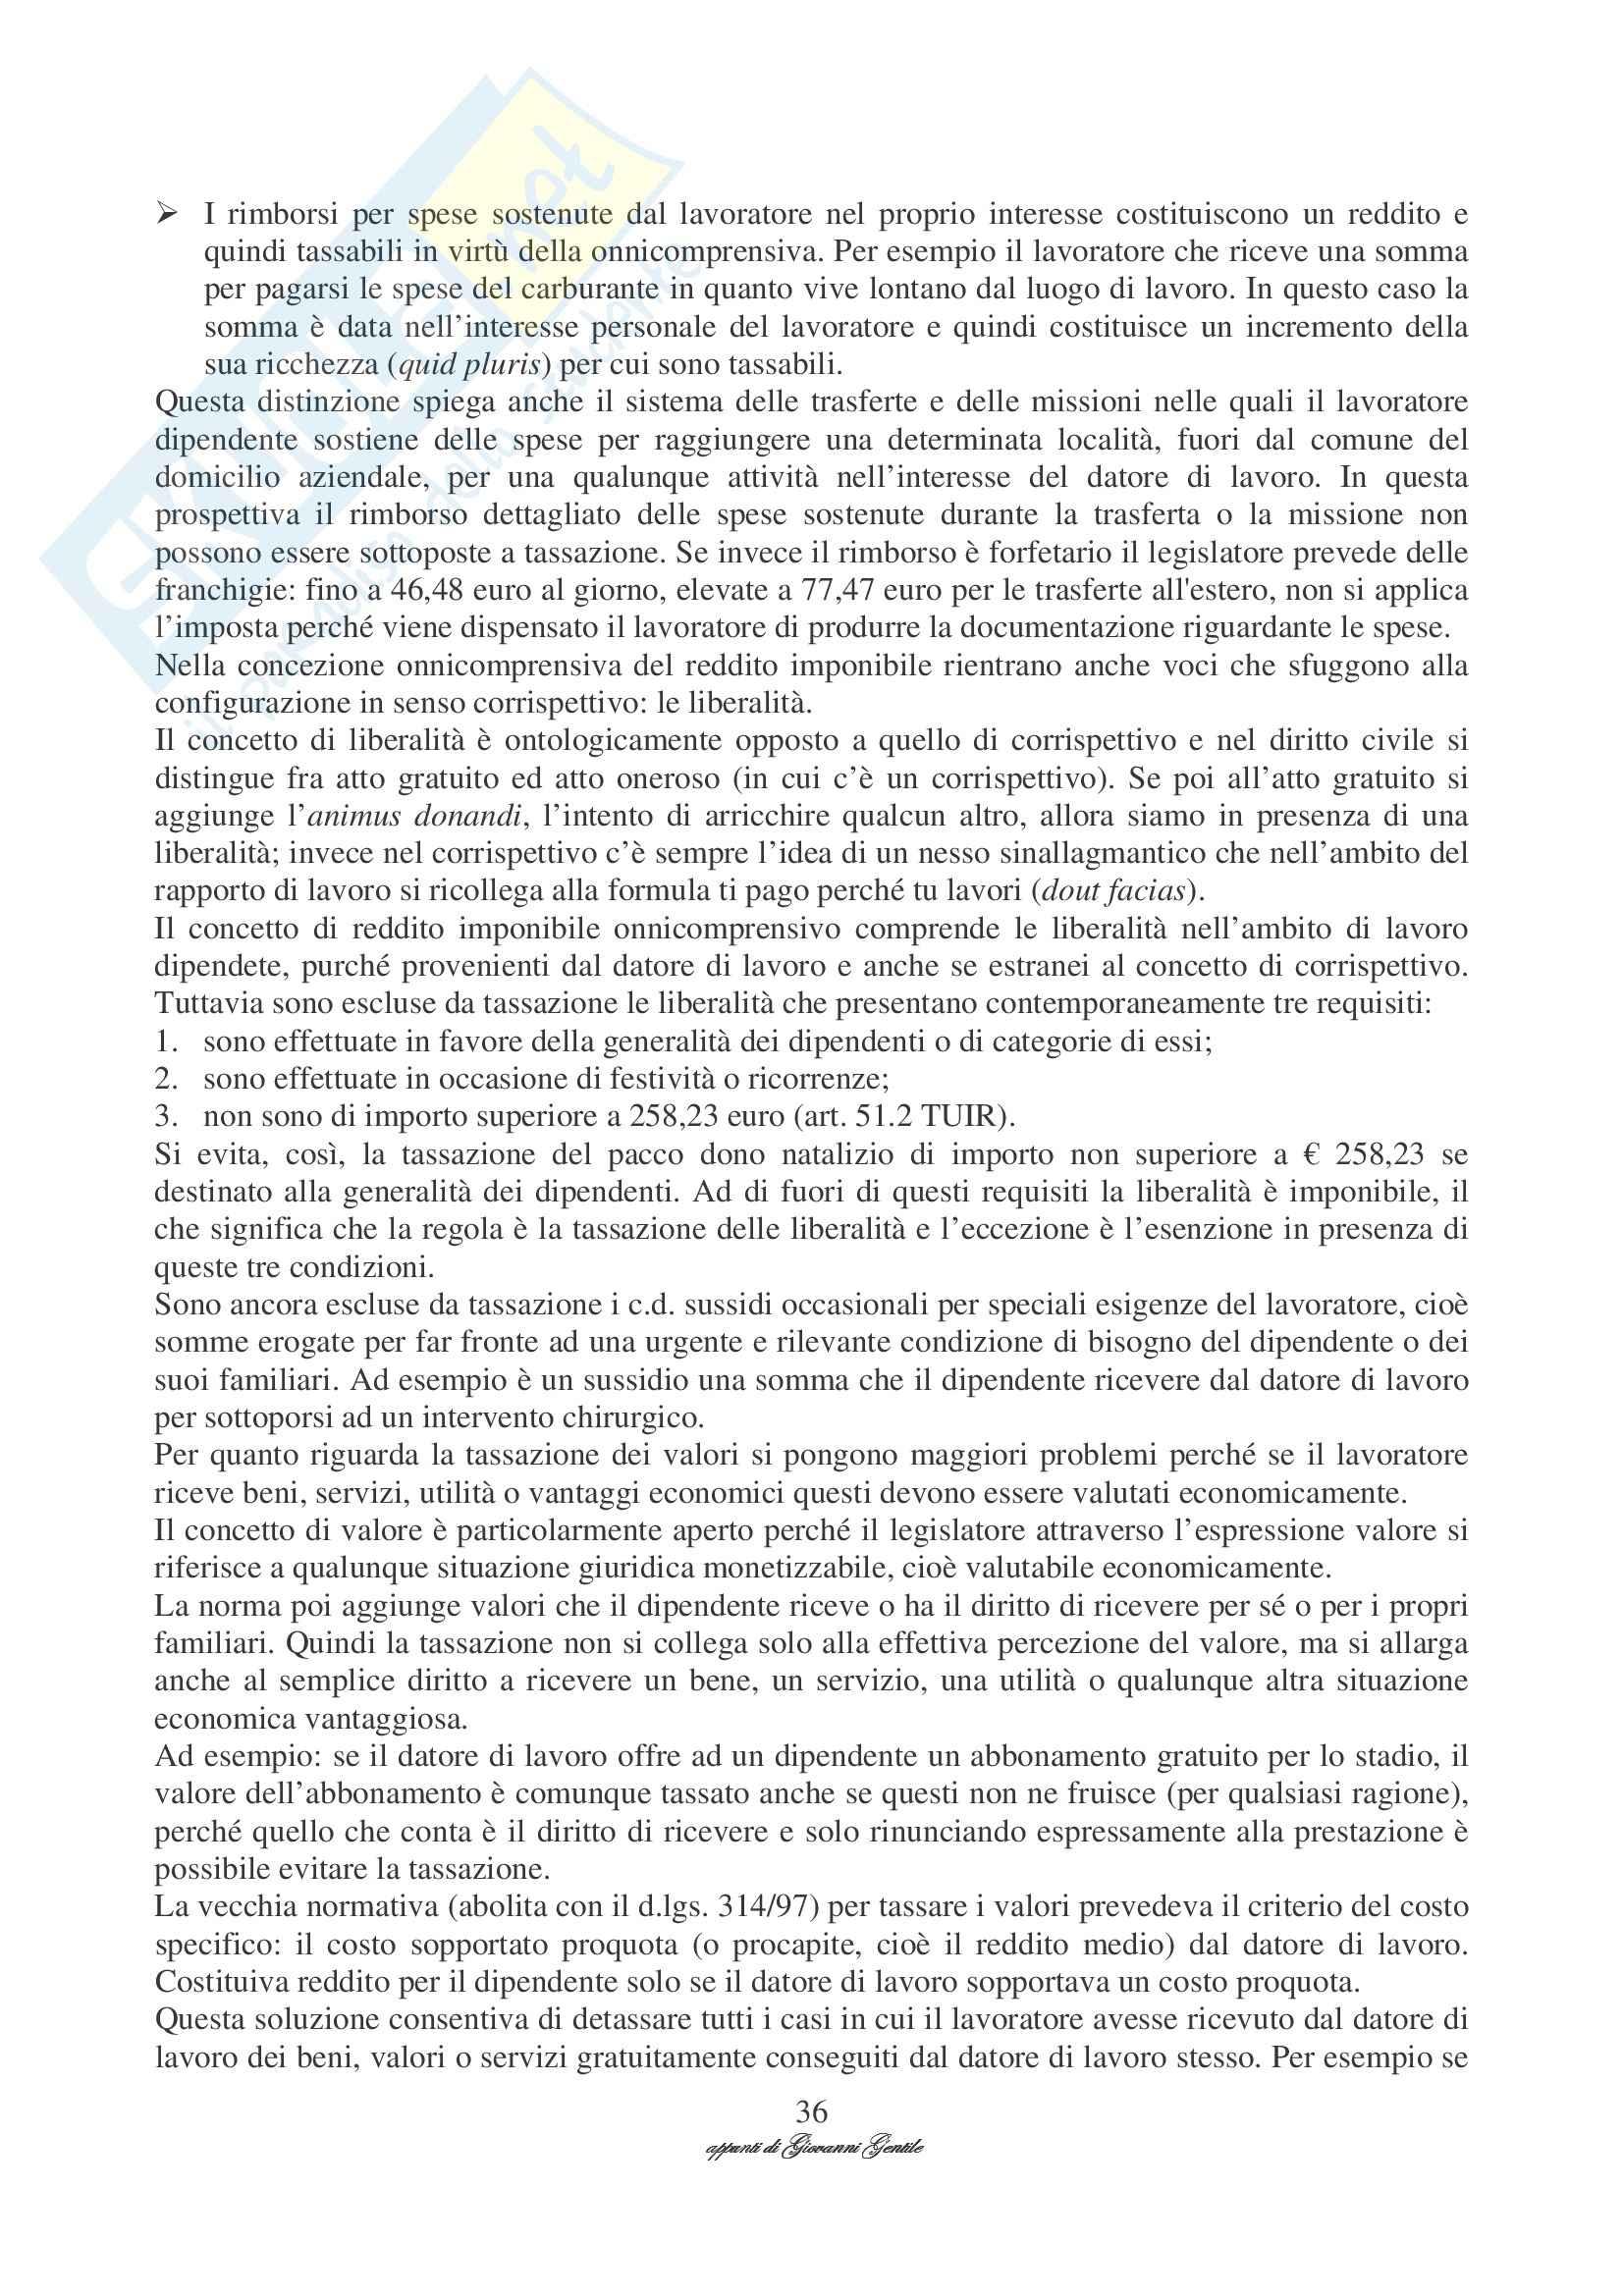 Diritto tributario - Appunti Pag. 36